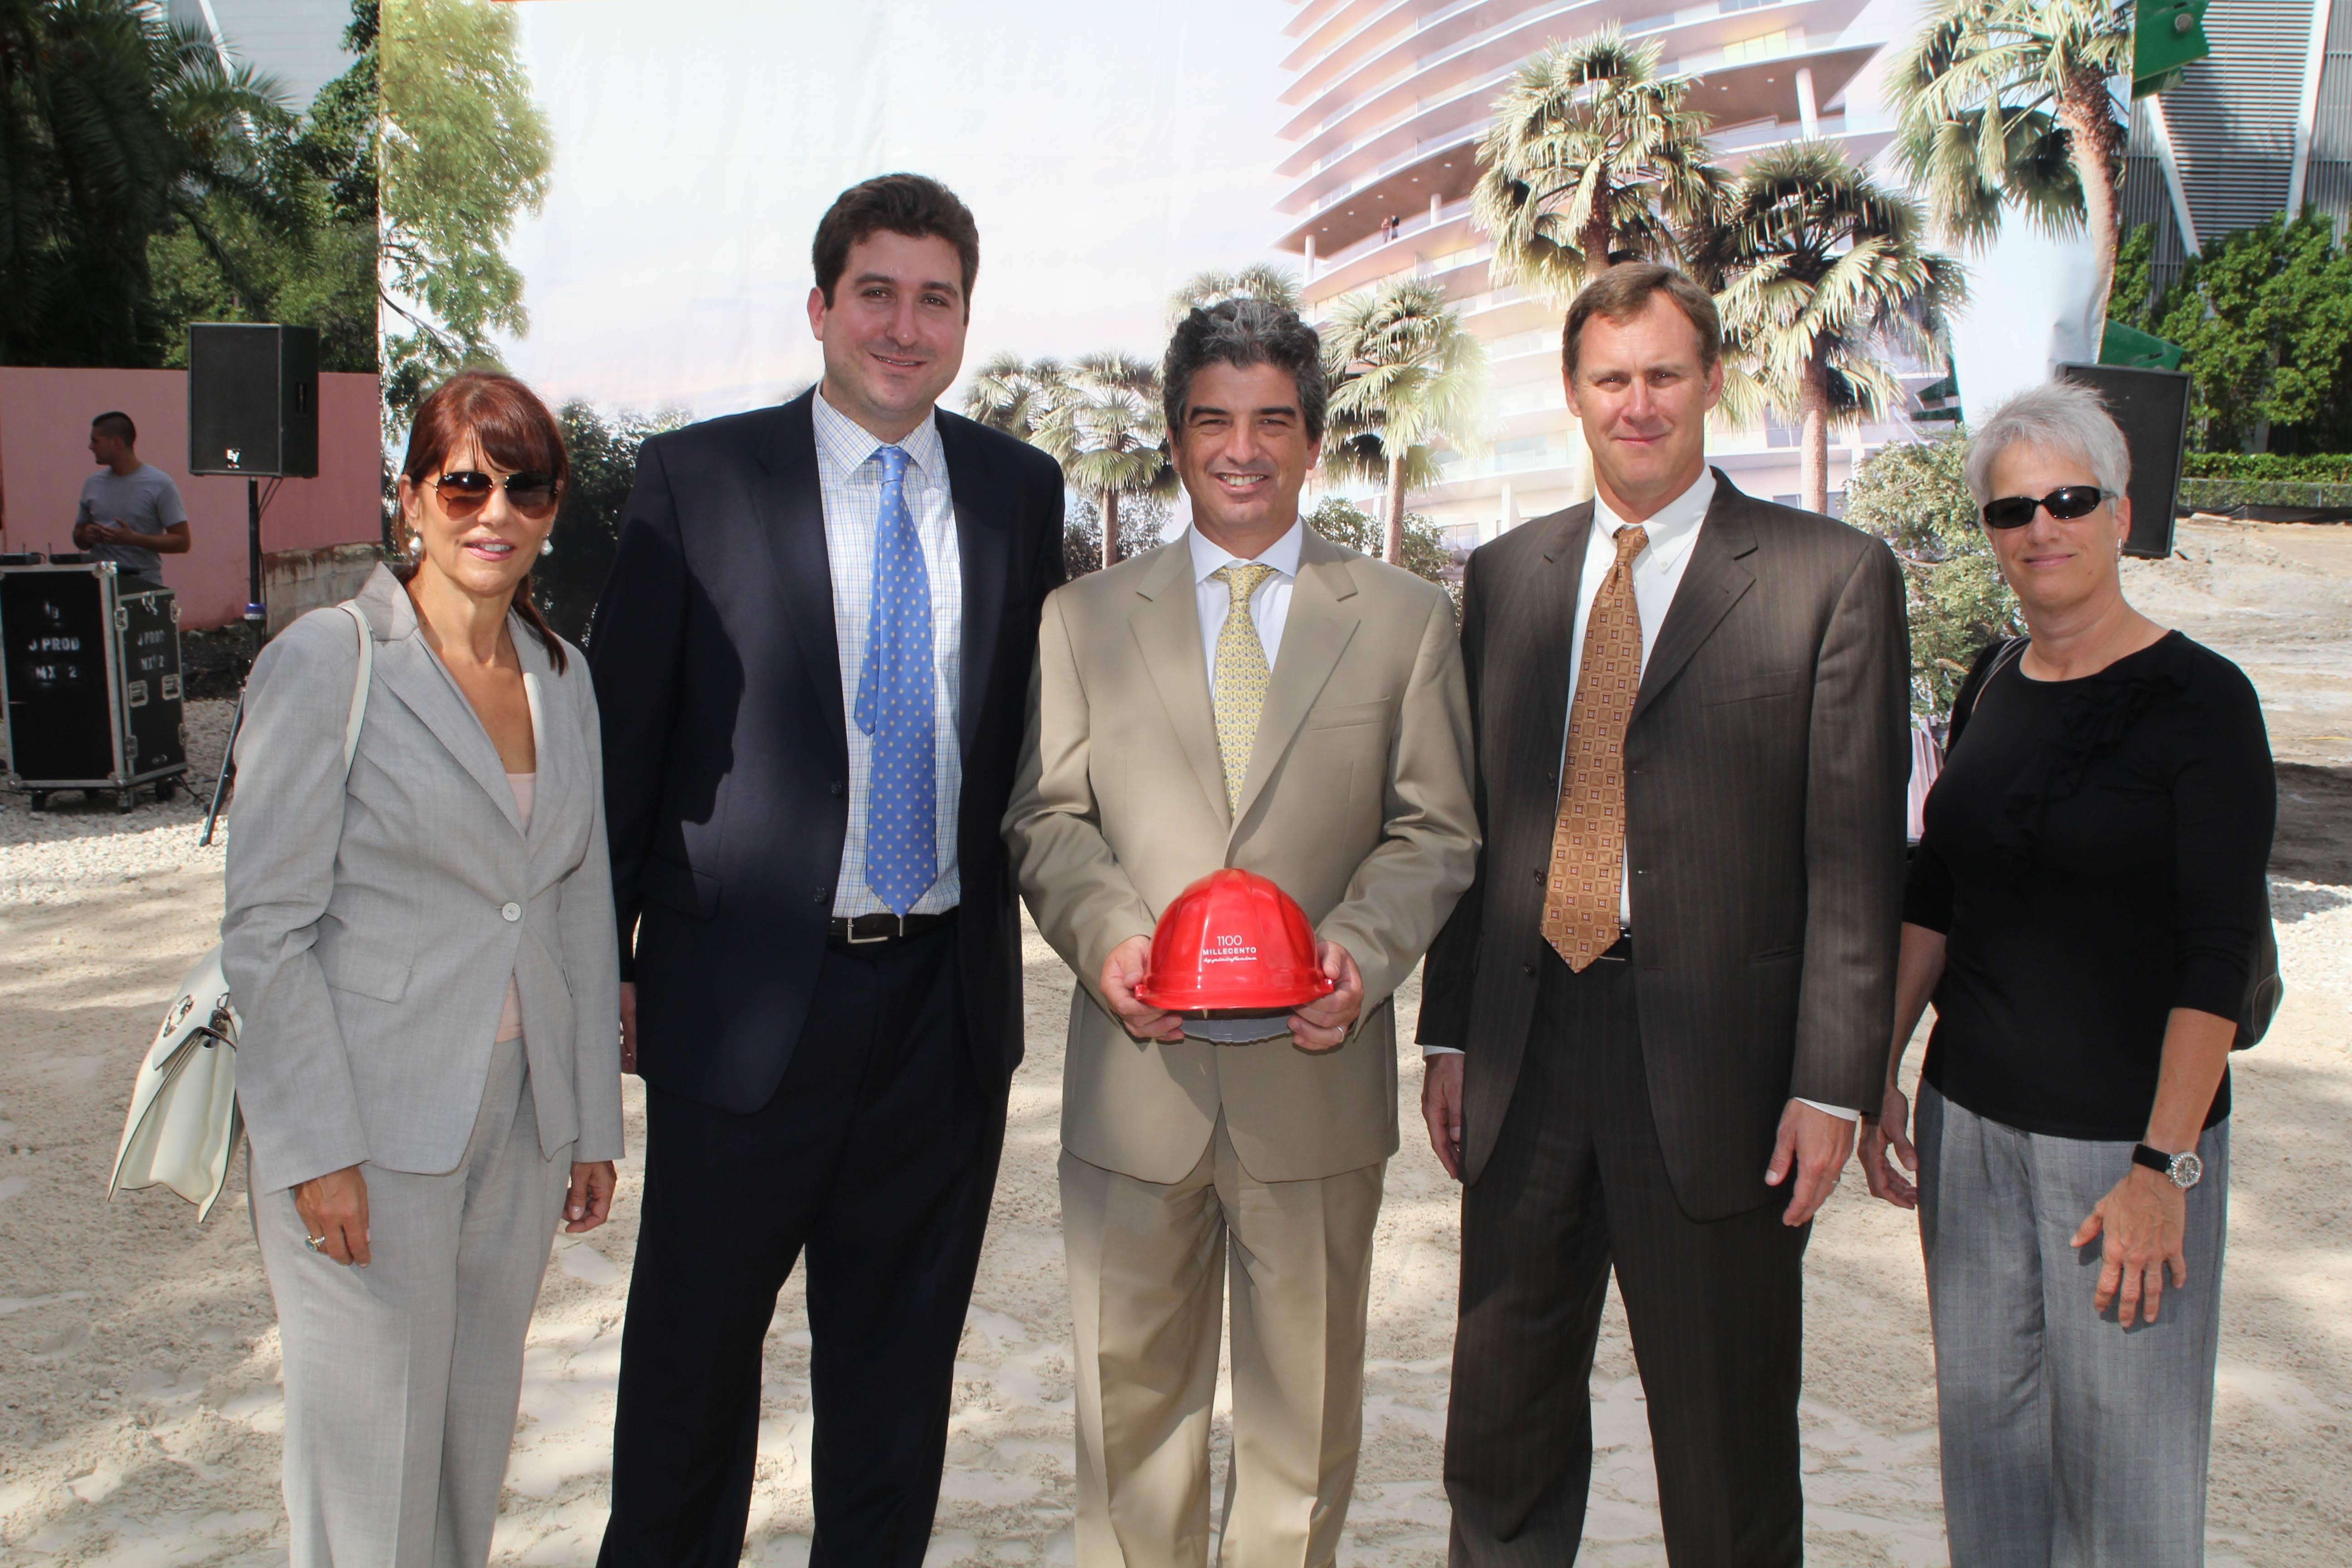 Sonia Figueroa, Ben Gerber, Carlos Rosso, David Kern, Sue Haubrich